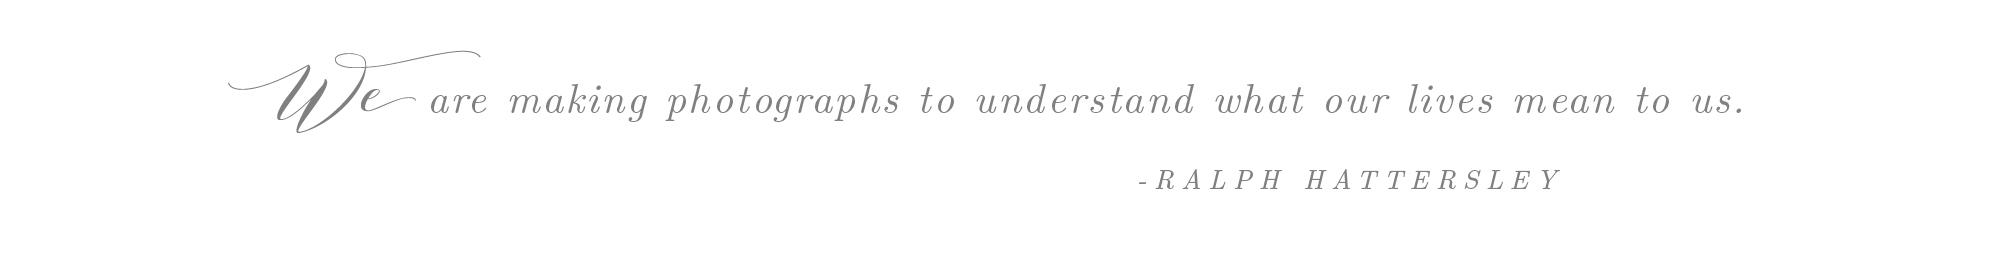 quote-6.jpg